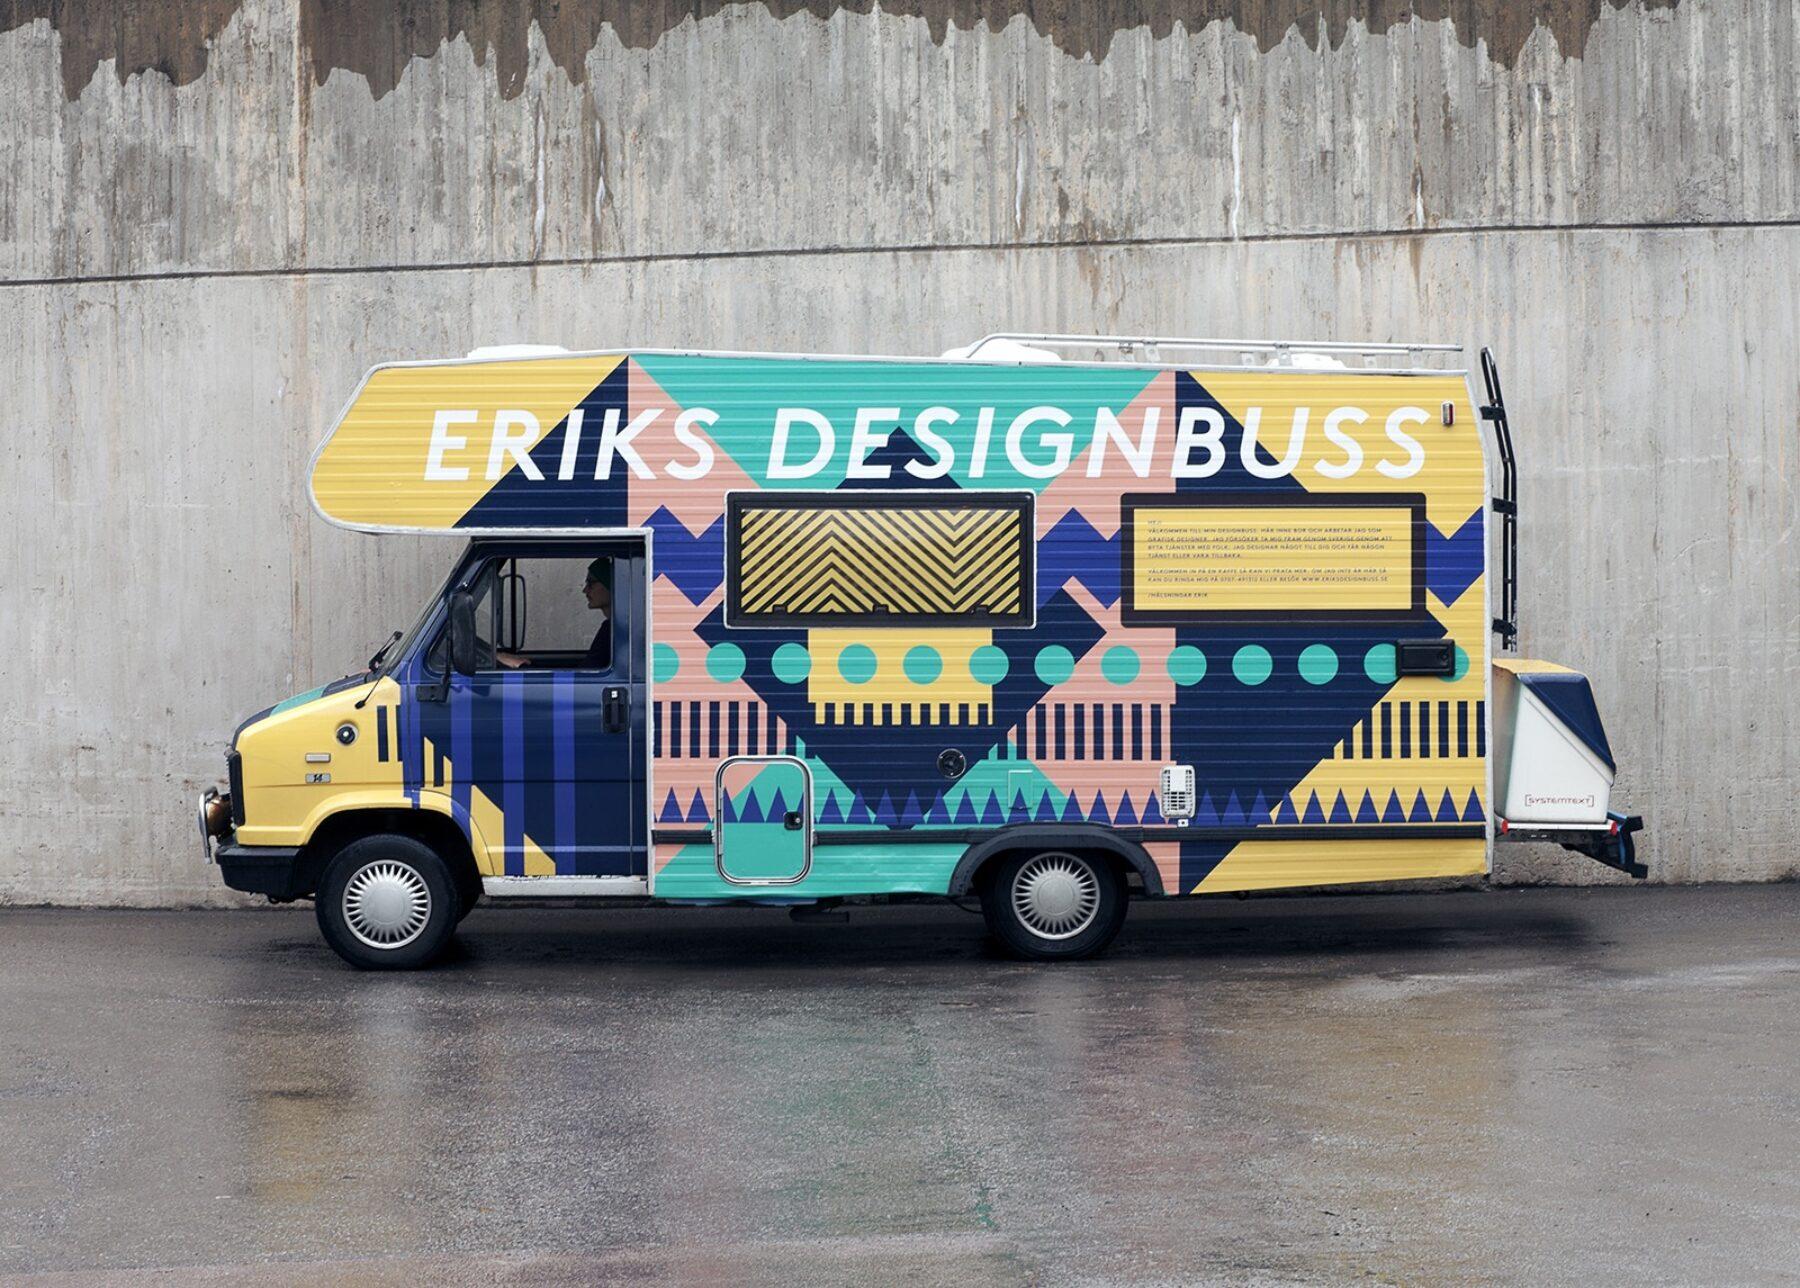 Eriks_Designbuss_01_low